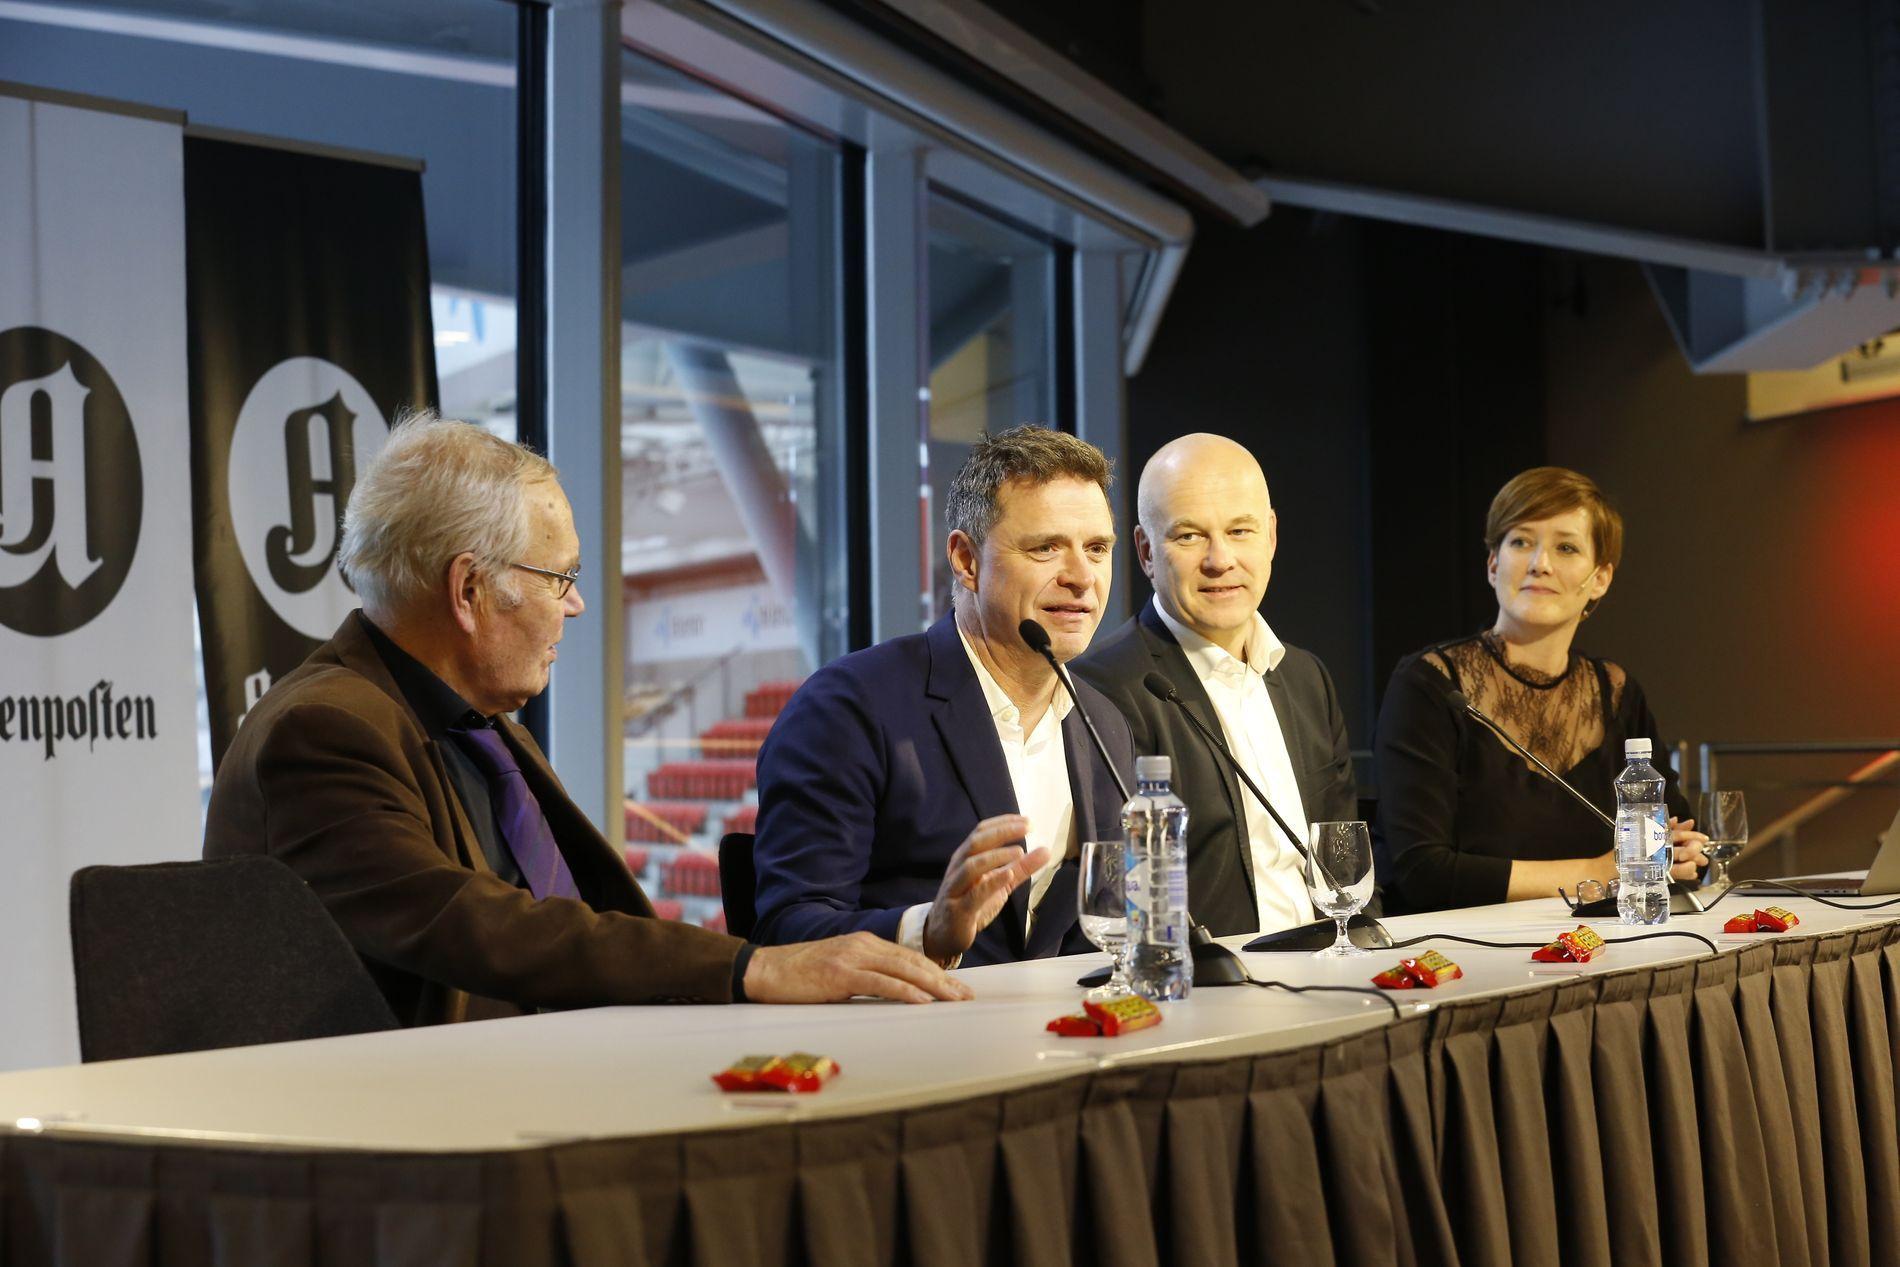 OMSTRIDT: Aftenpostens sjefredaktør Espen Egil Hansen (nr. to fra venstre) under pressekonferansen i fjor høst. Ellers f.v.: Arne Scheie, NRK-sjef Thor Gjermund Eriksen og eventansvarlig i Aftenposten, Veslemøy Østrem.